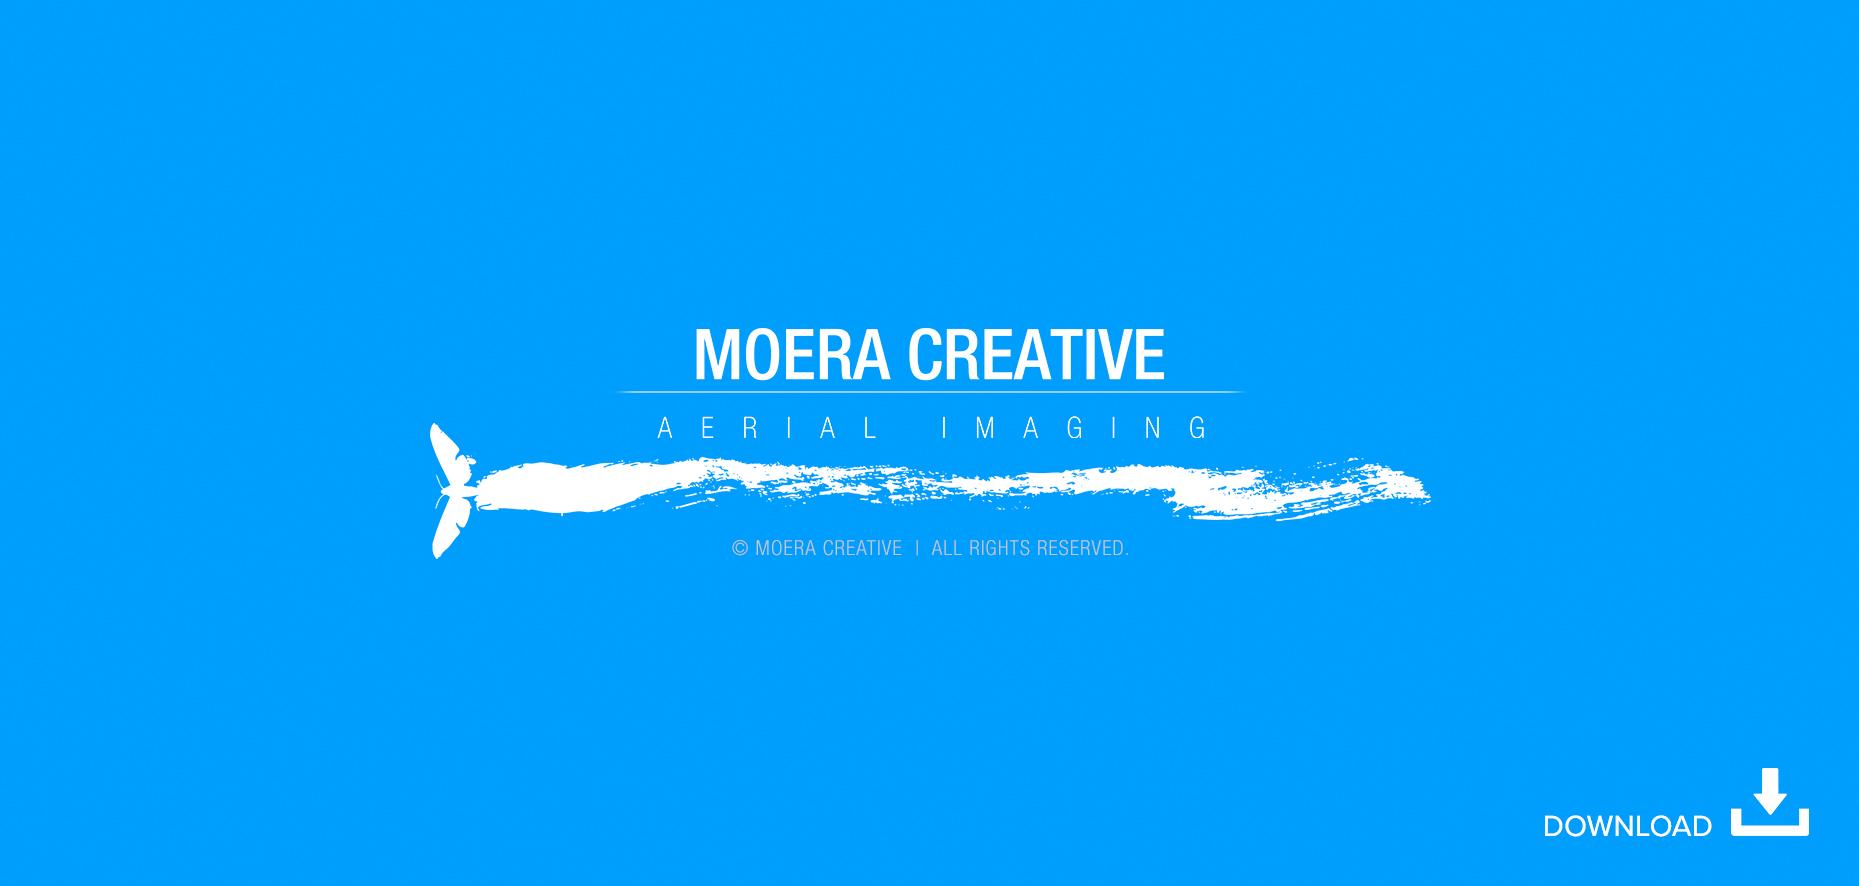 More Creative Aerial Imaging Download